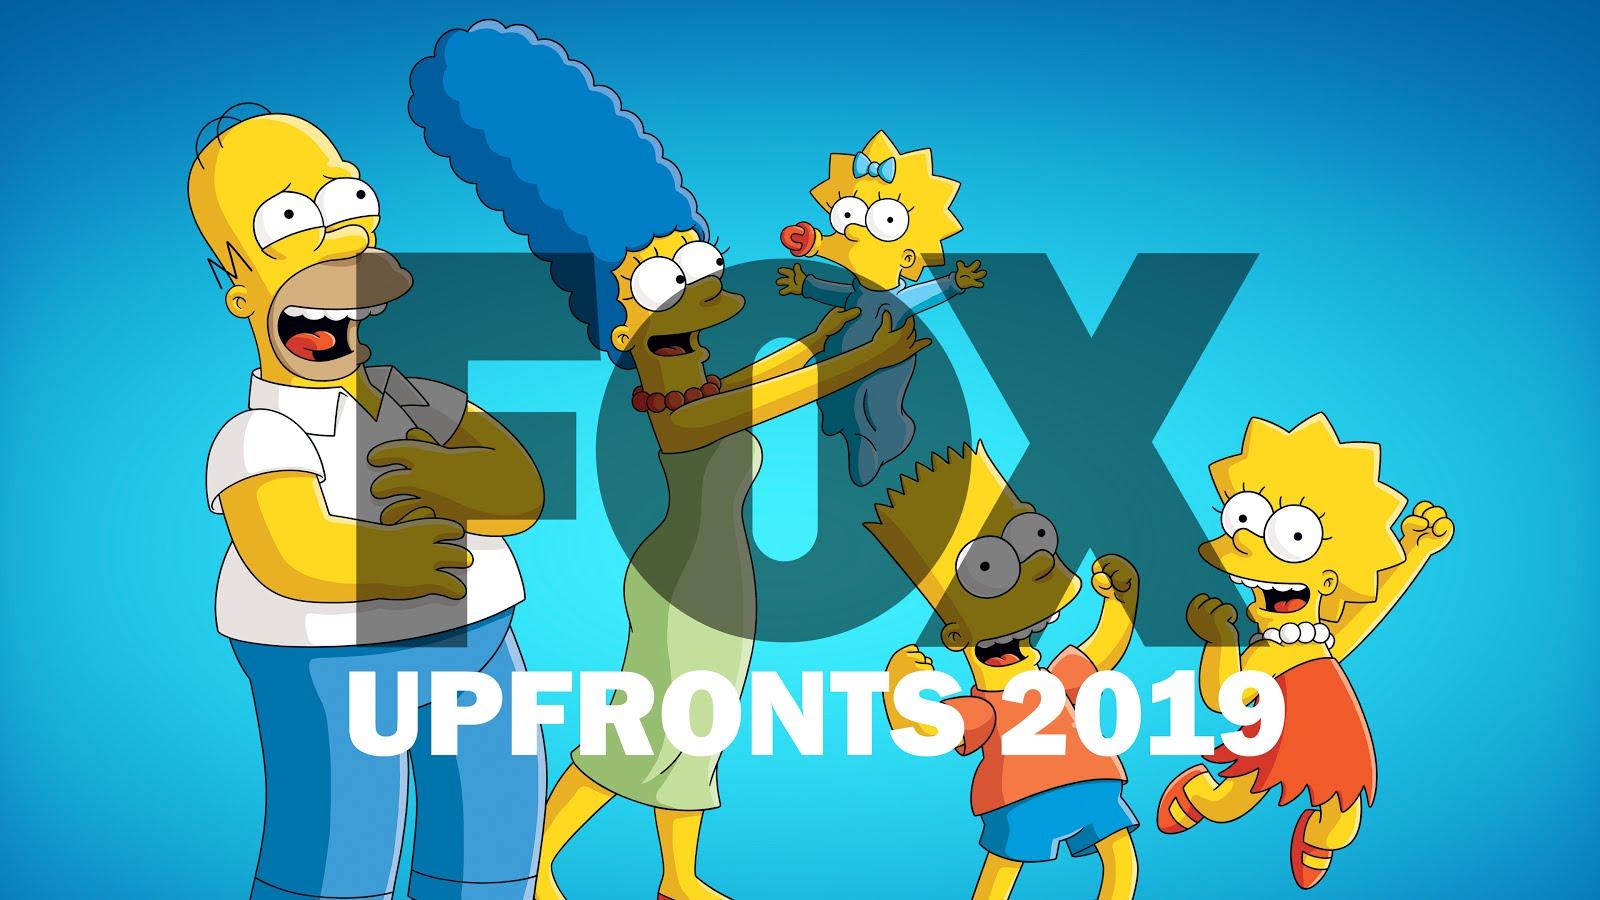 Upfronts 2019 de FOX con todos los estrenos, renovaciones y cancelaciones